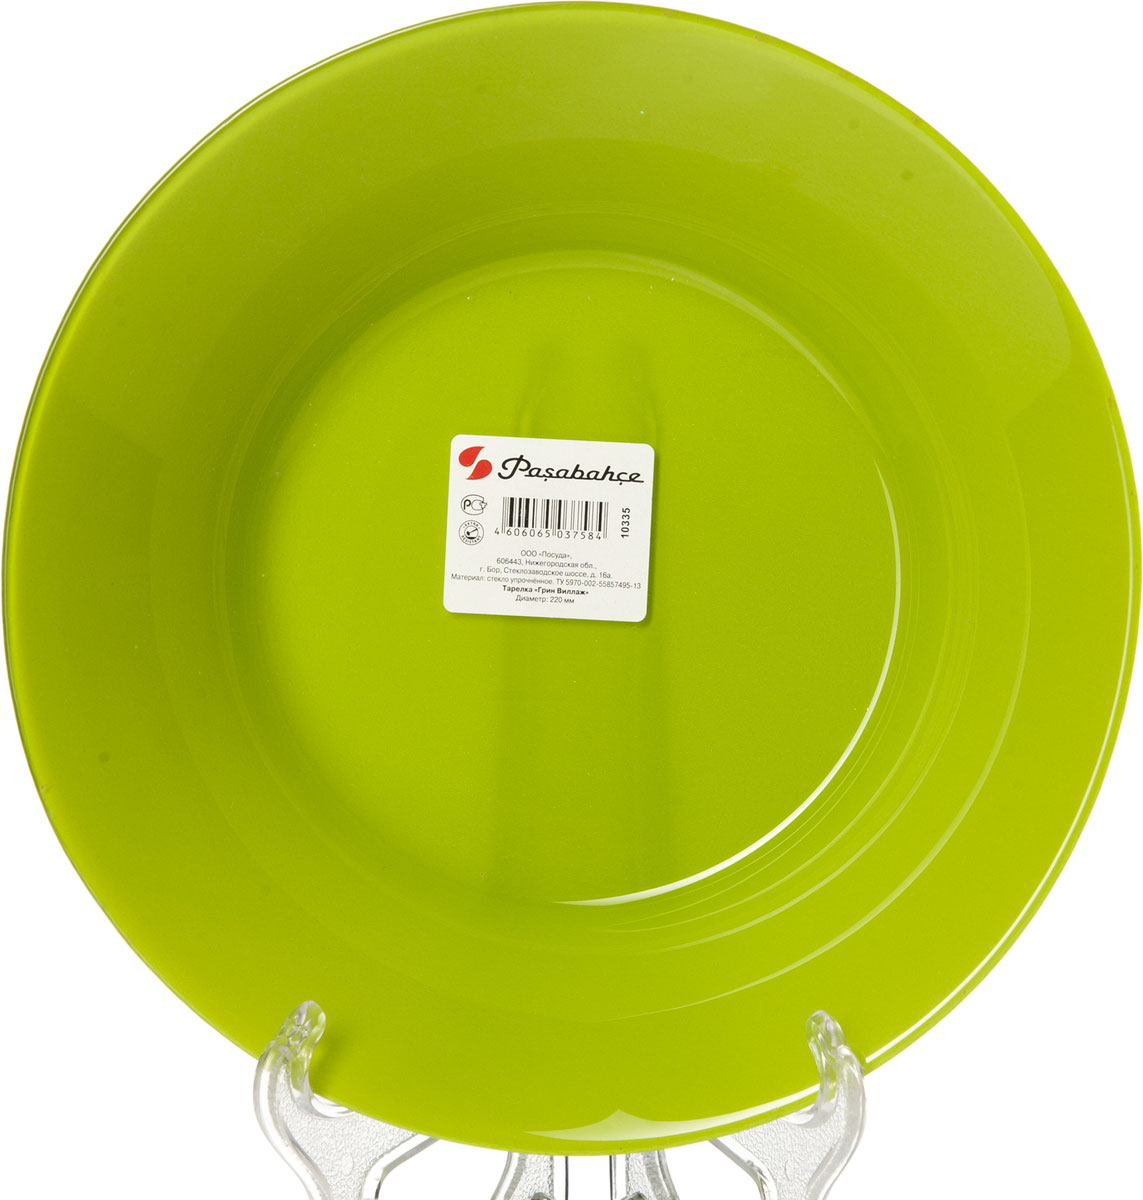 Тарелка Pasabahce Грин Виллаж, цвет: зеленый, диаметр 22 см10335SLBD14Тарелка Pasabahce Грин Виллаж выполнена из качественного стекла. Тарелка прекрасно подойдет в качестве сервировочного блюда для фруктов, десертов, закусок, торта и другого. Изящная тарелка прекрасно оформит праздничный стол и порадует вас и ваших гостей изысканным дизайном и формой.Диаметр тарелки: 22 см.